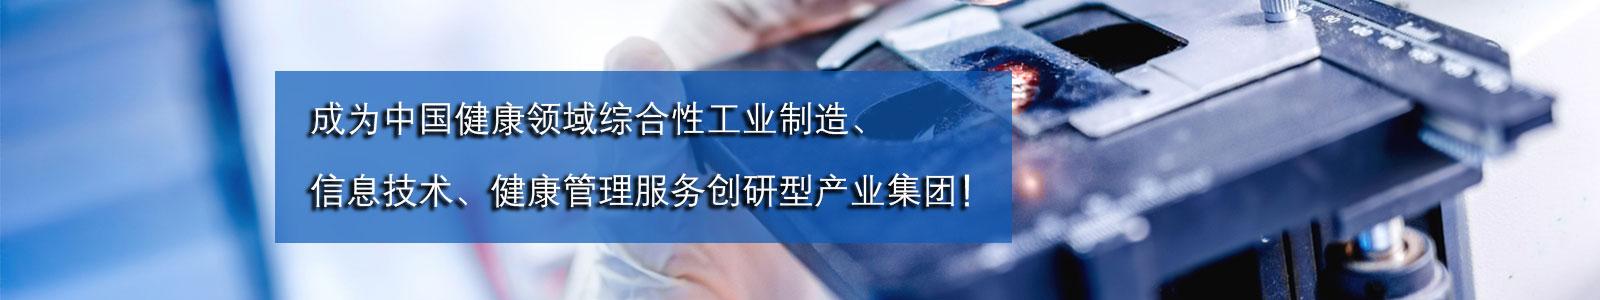 心肺复苏Manbo万博体育